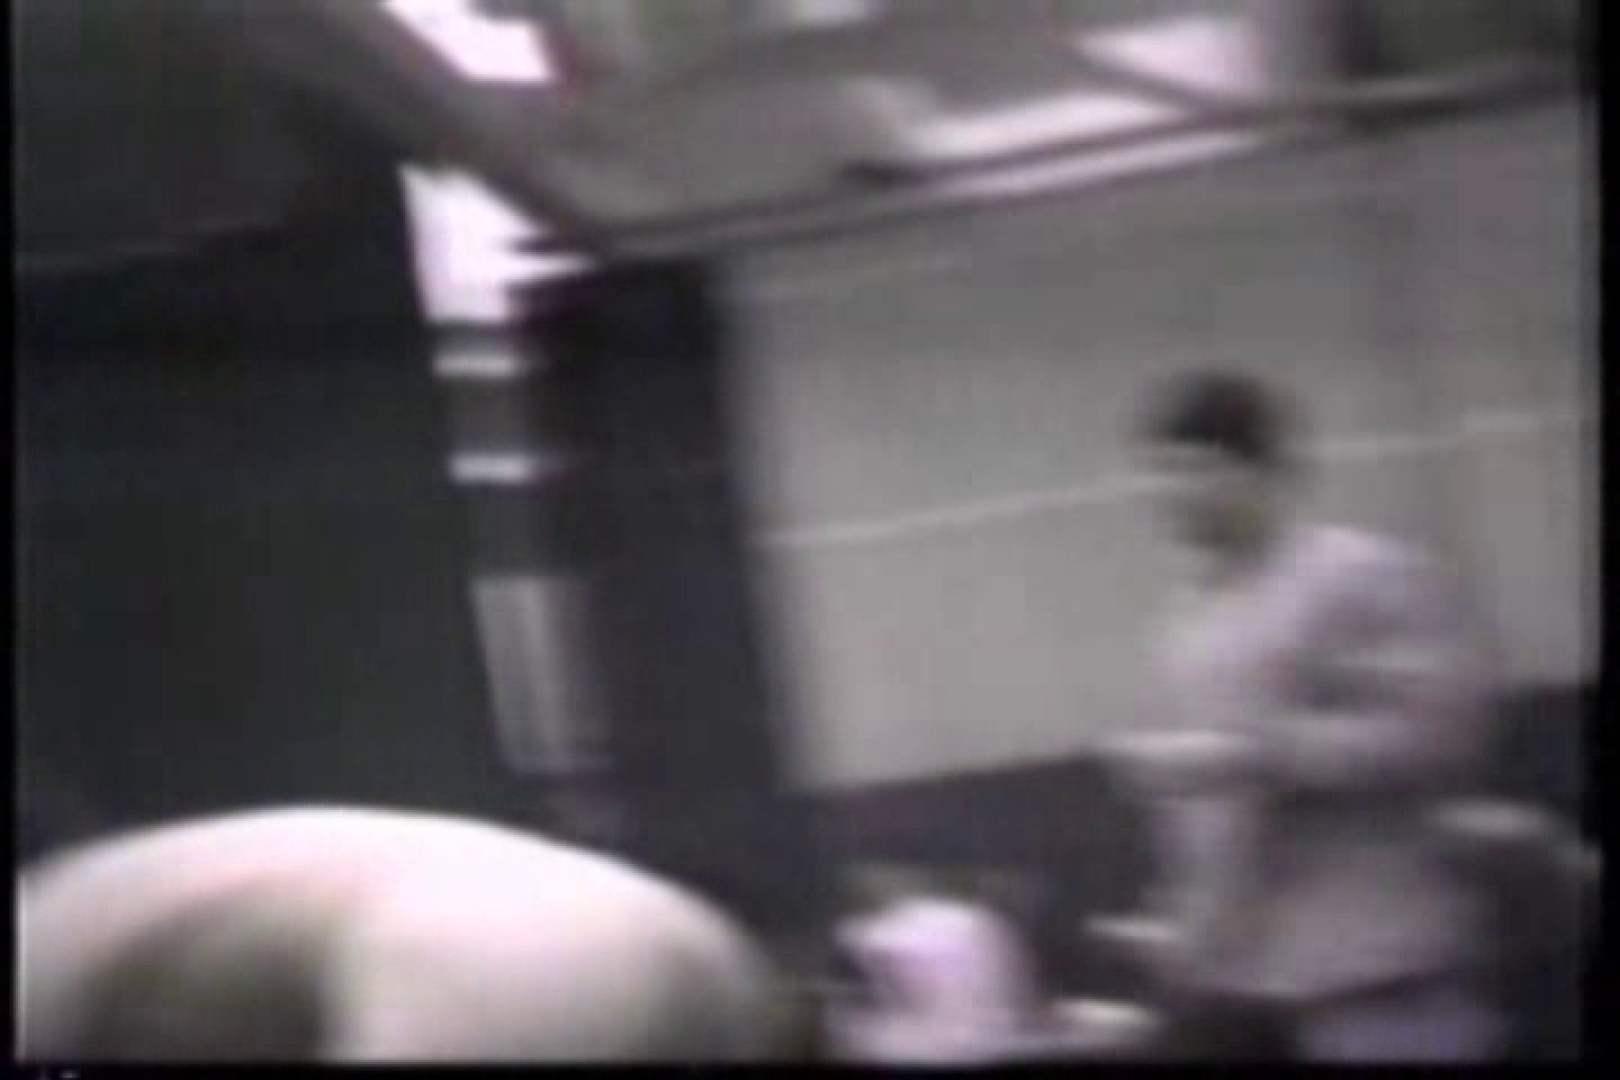 洋人さんの脱衣所を覗いてみました。VOL.6 完全無修正版 ゲイエロ画像 102枚 2